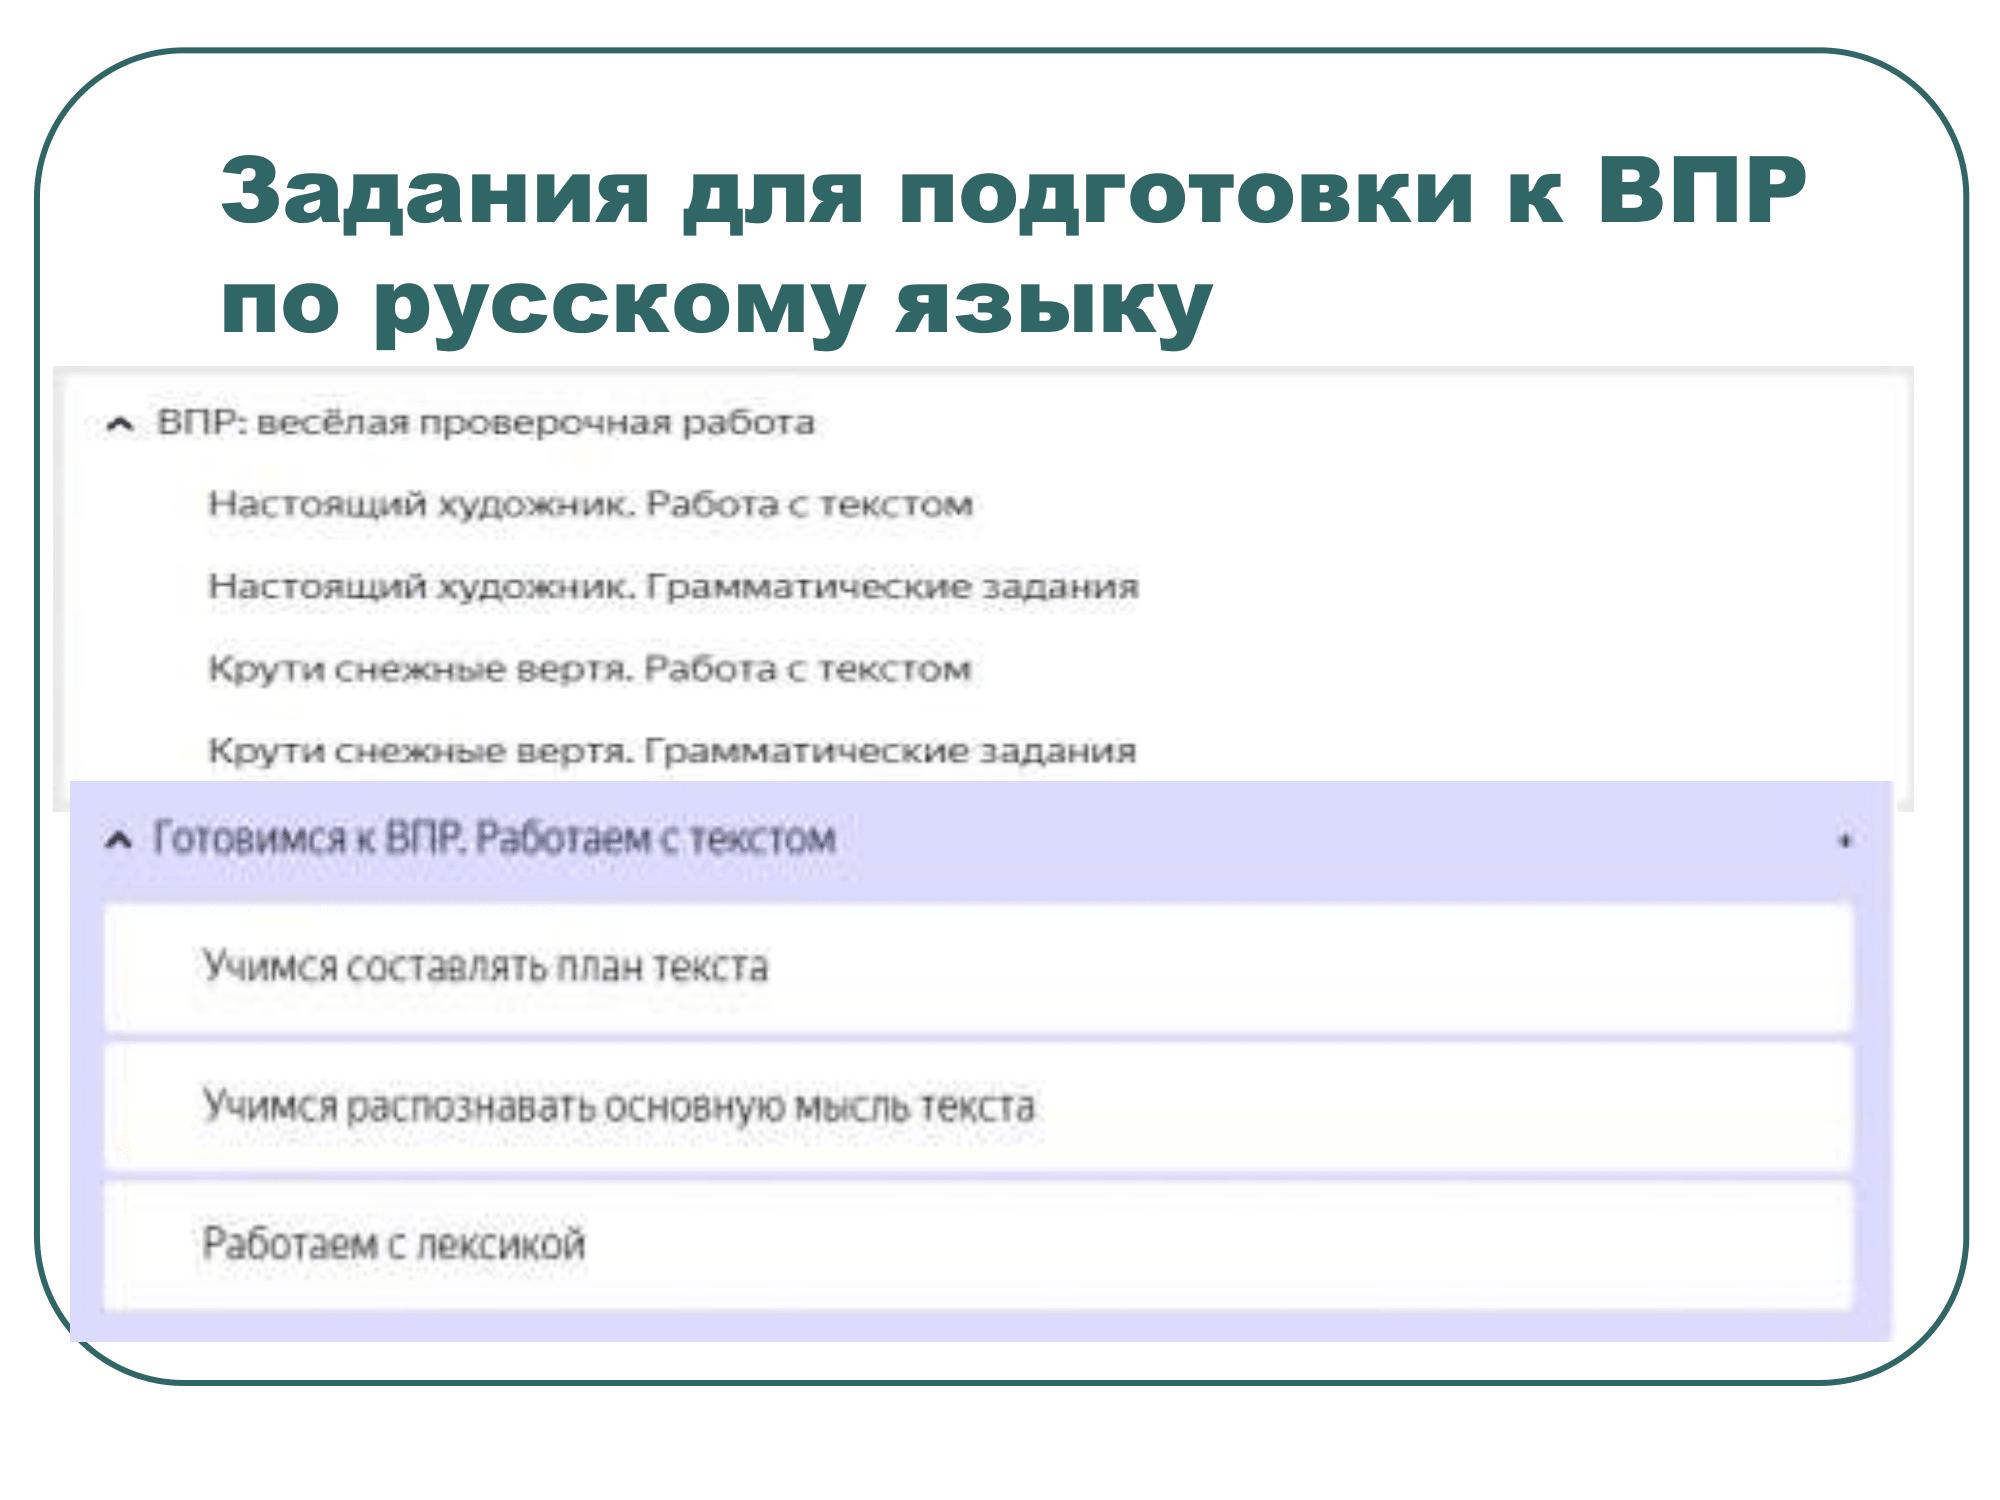 яндекс учебник. Презентация к докладу Васильченко Т.В._0013